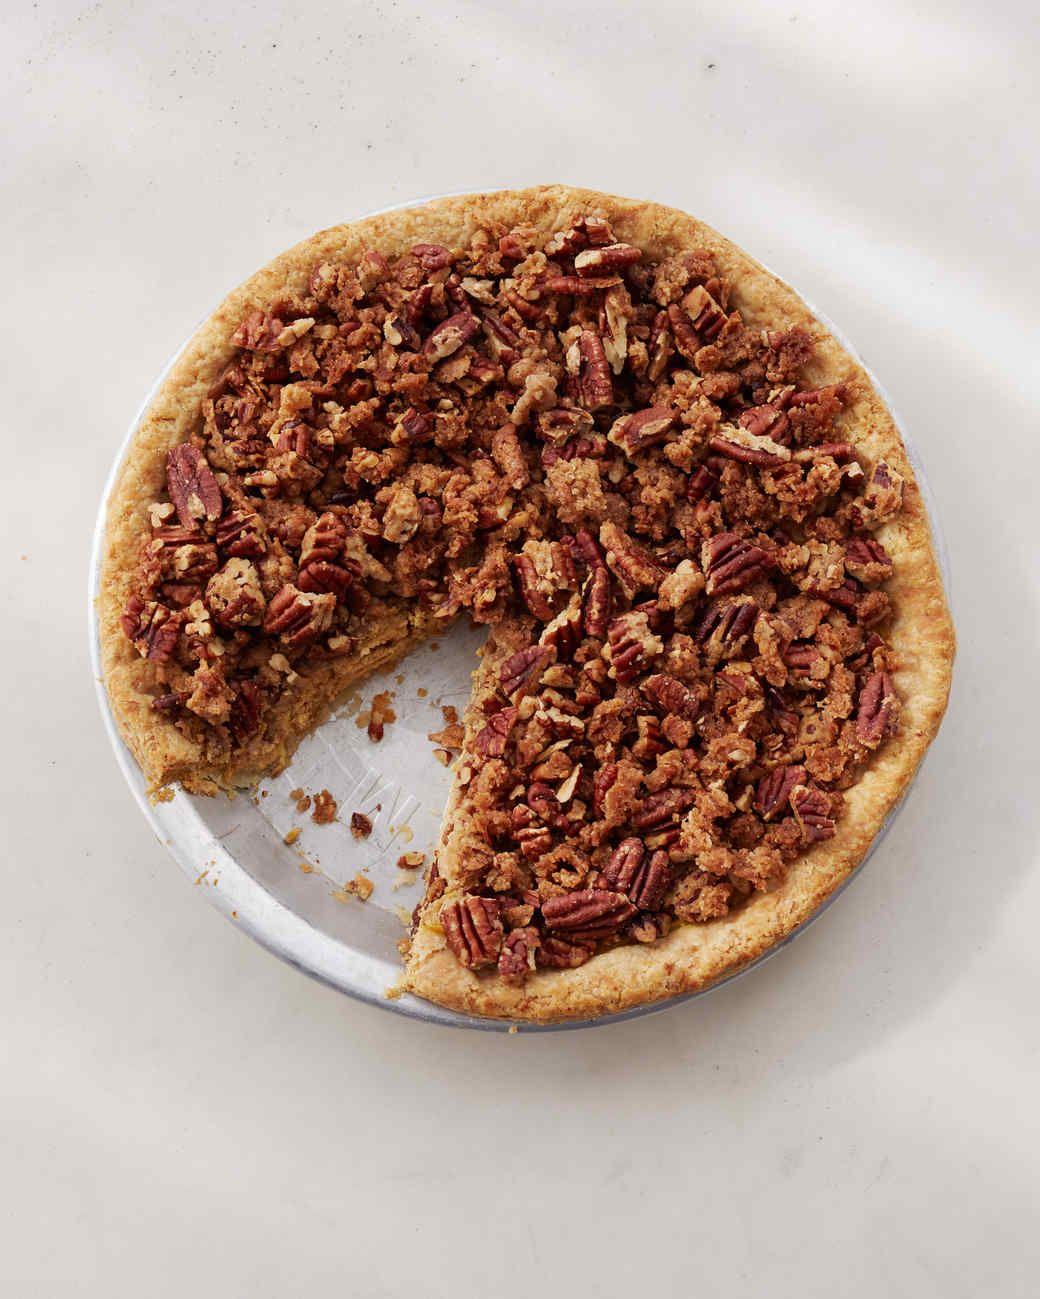 Thanksgiving Desserts Pecan Pie Pumpkin Pie More: Pumpkin Crunch Pie